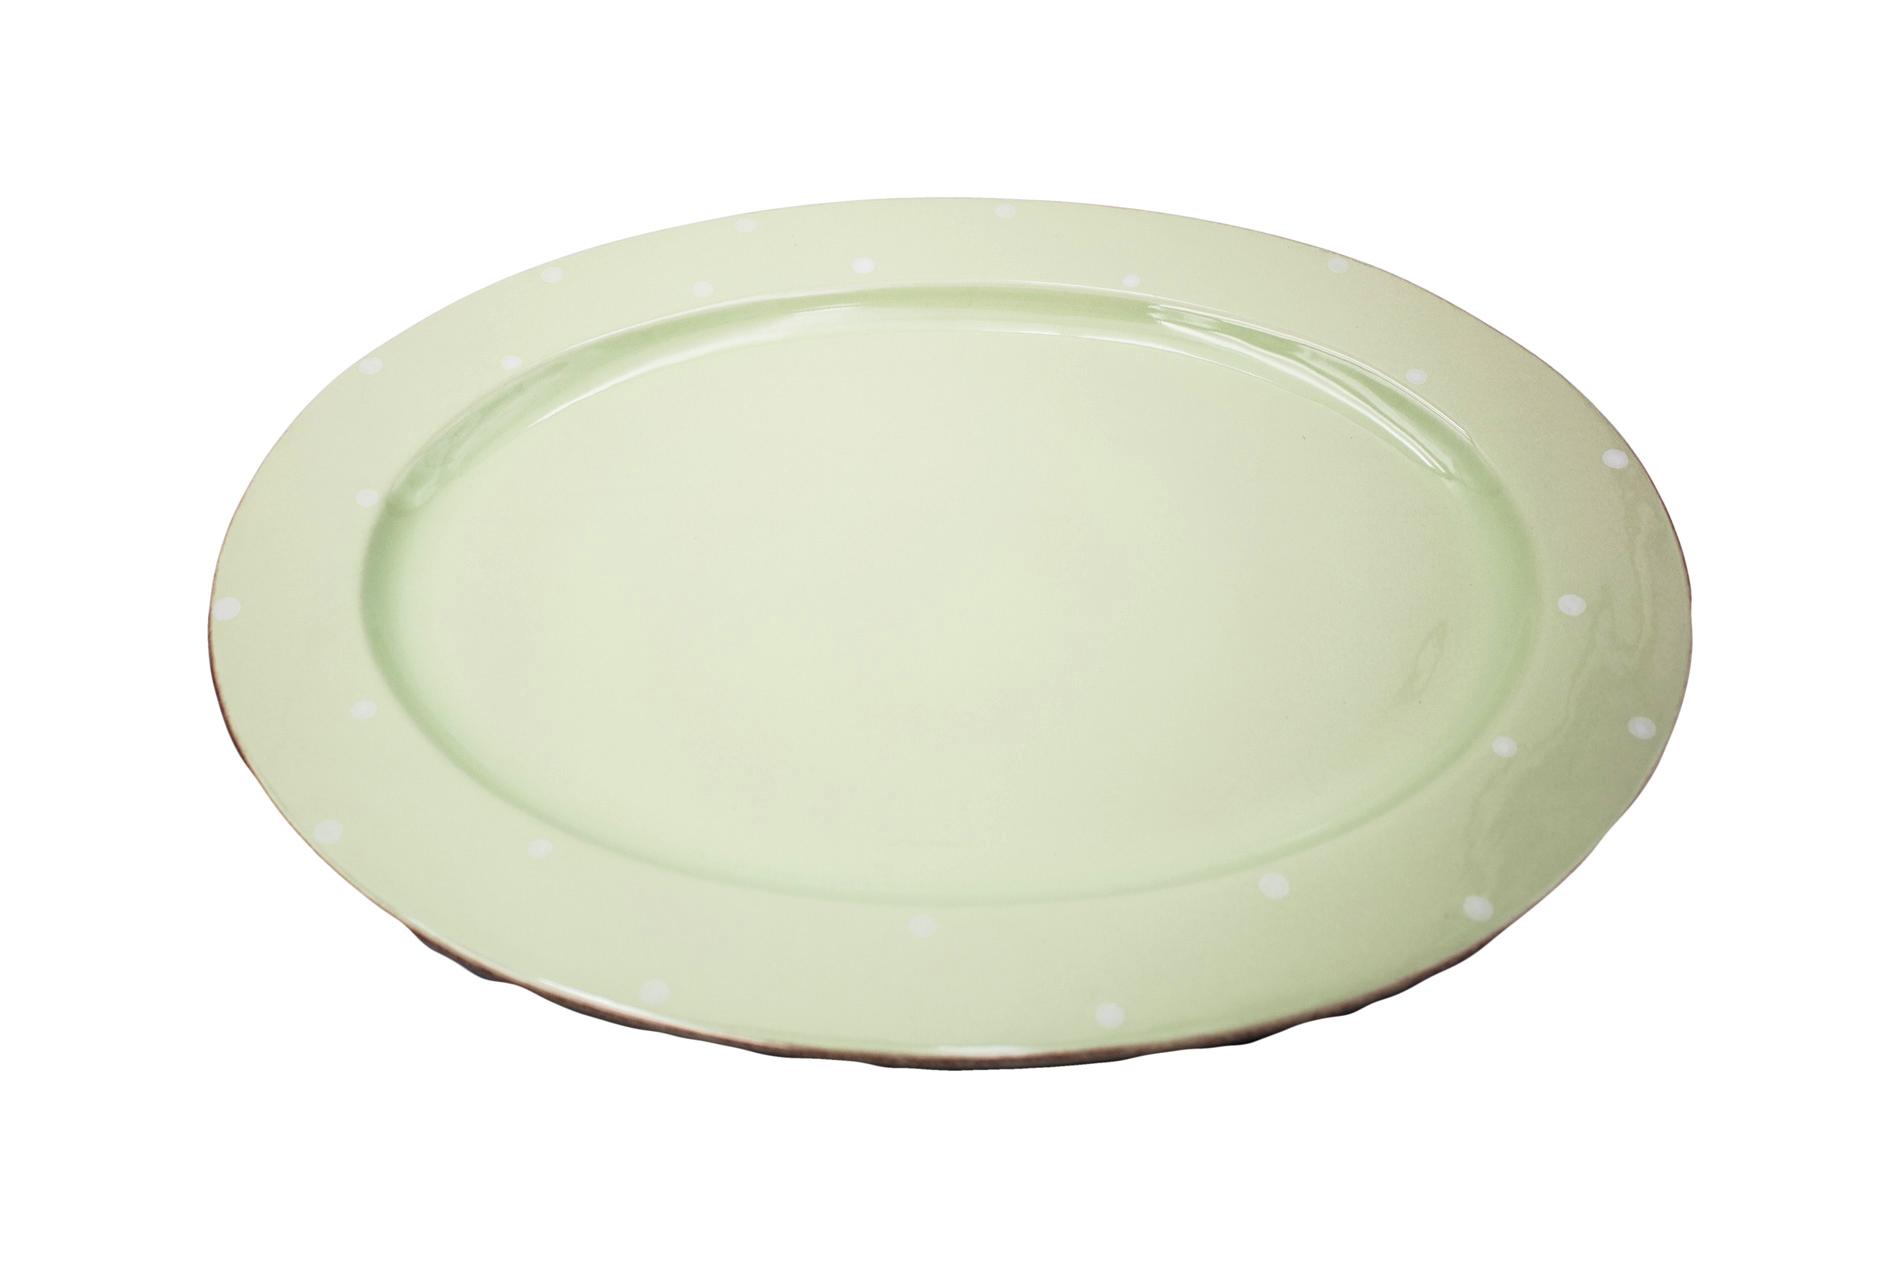 Ovale Platte Chitra, grün, 43 cm